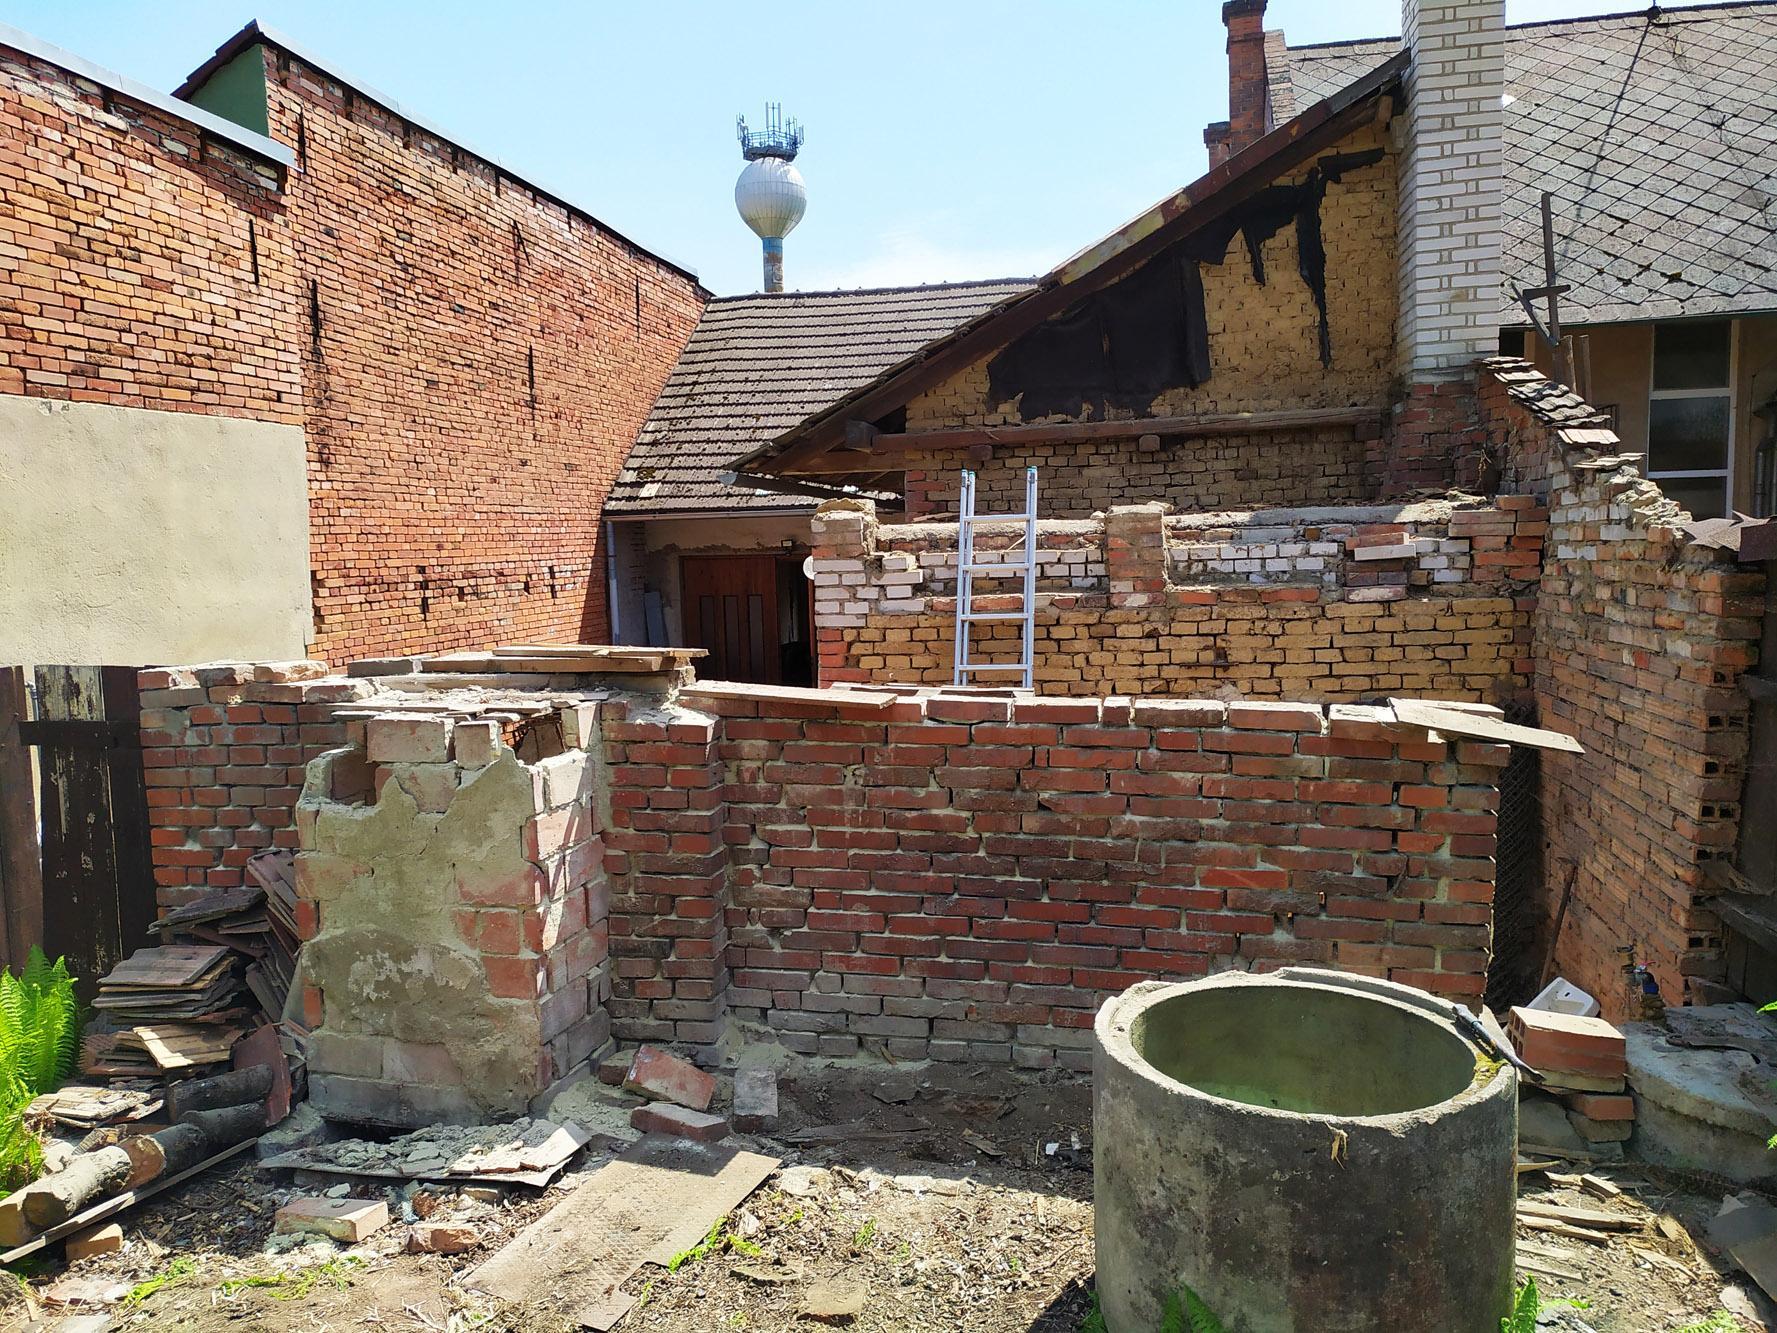 Bourání staré a stavba nové řadovky - Květen 2020